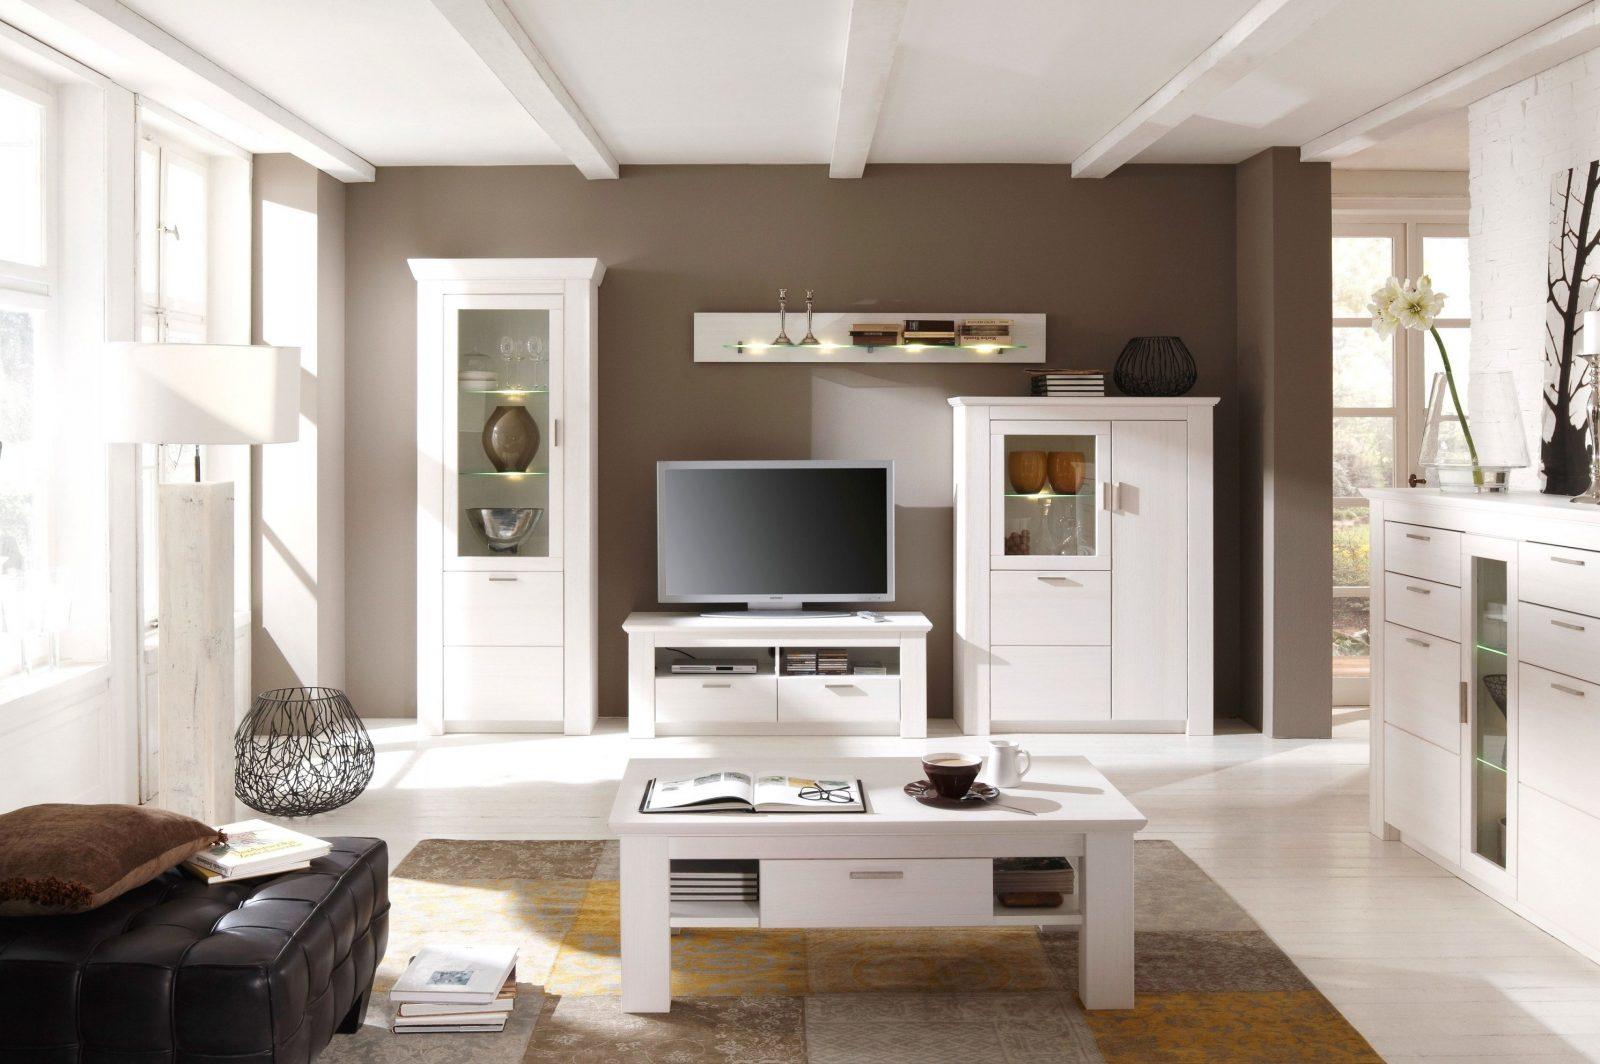 Weiße Möbel Welche Wandfarbe Weiße Möbel Welche Wandfarbe Haus Ideen von Wandfarbe Zu Weißen Möbeln Photo